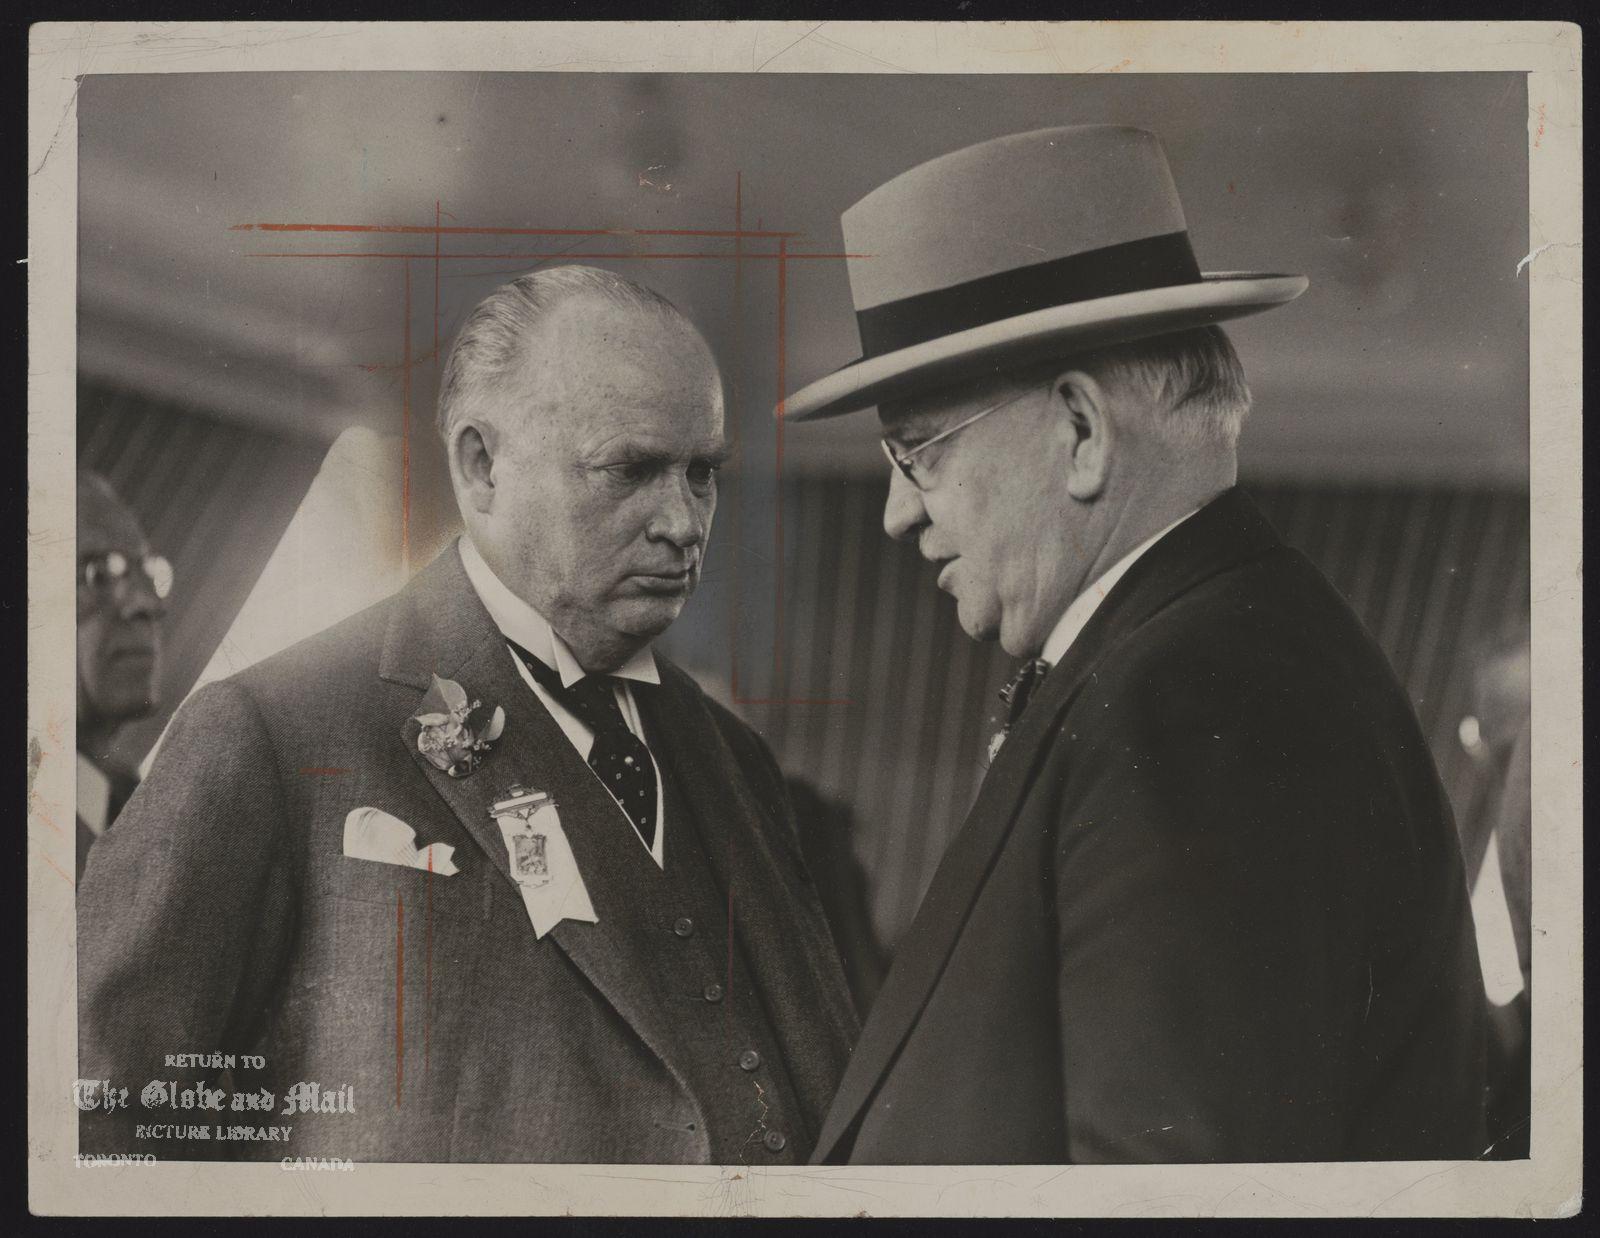 RICHARD B. BENNETT (Historical) R.B. Bennett Prime Minister of Canada.